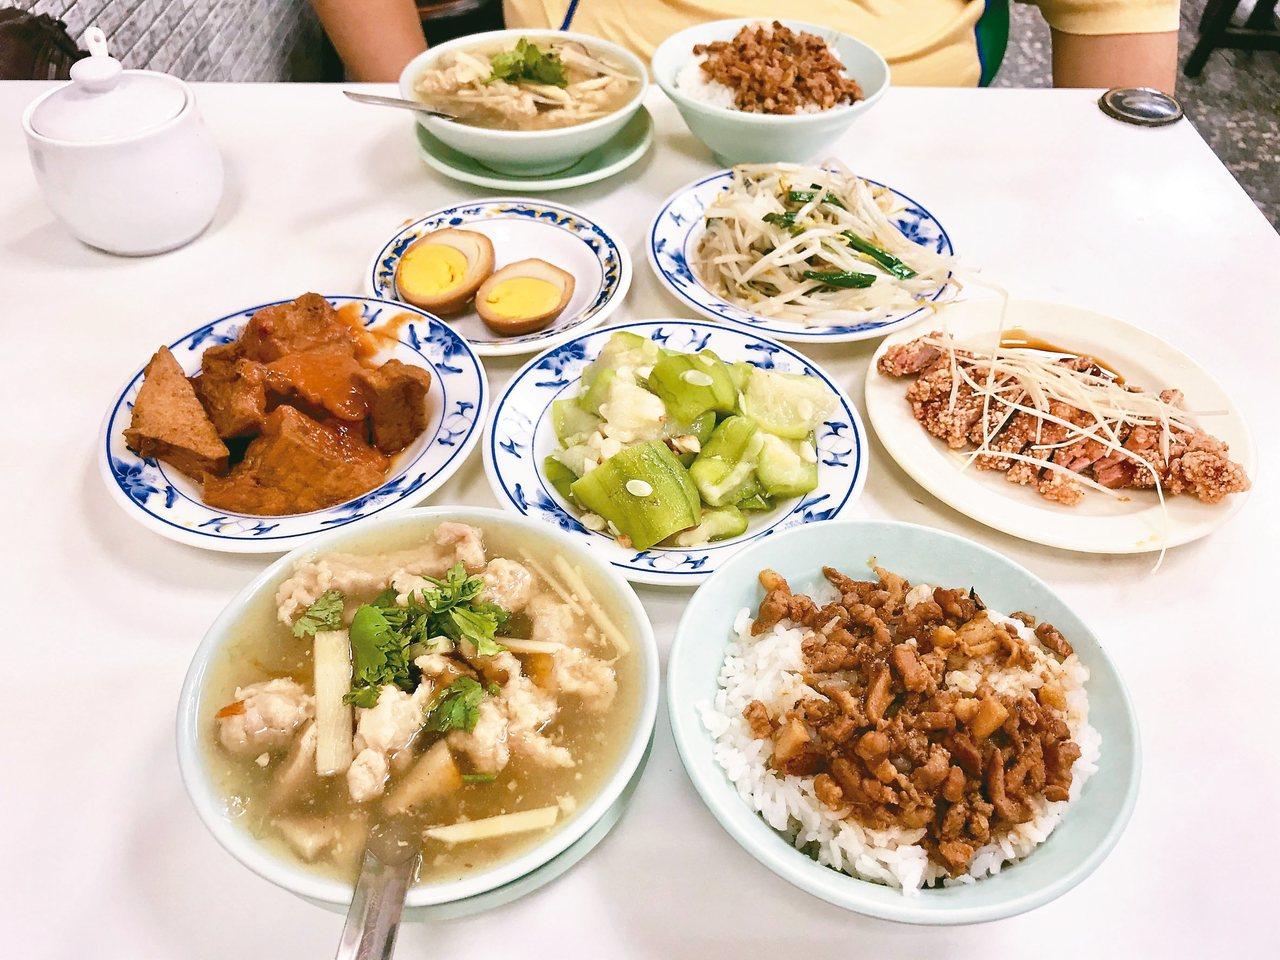 为了健康而制定的均衡外食公式,在面对不油的卤肉饭和炒青菜,内心没有很快乐。 图/...